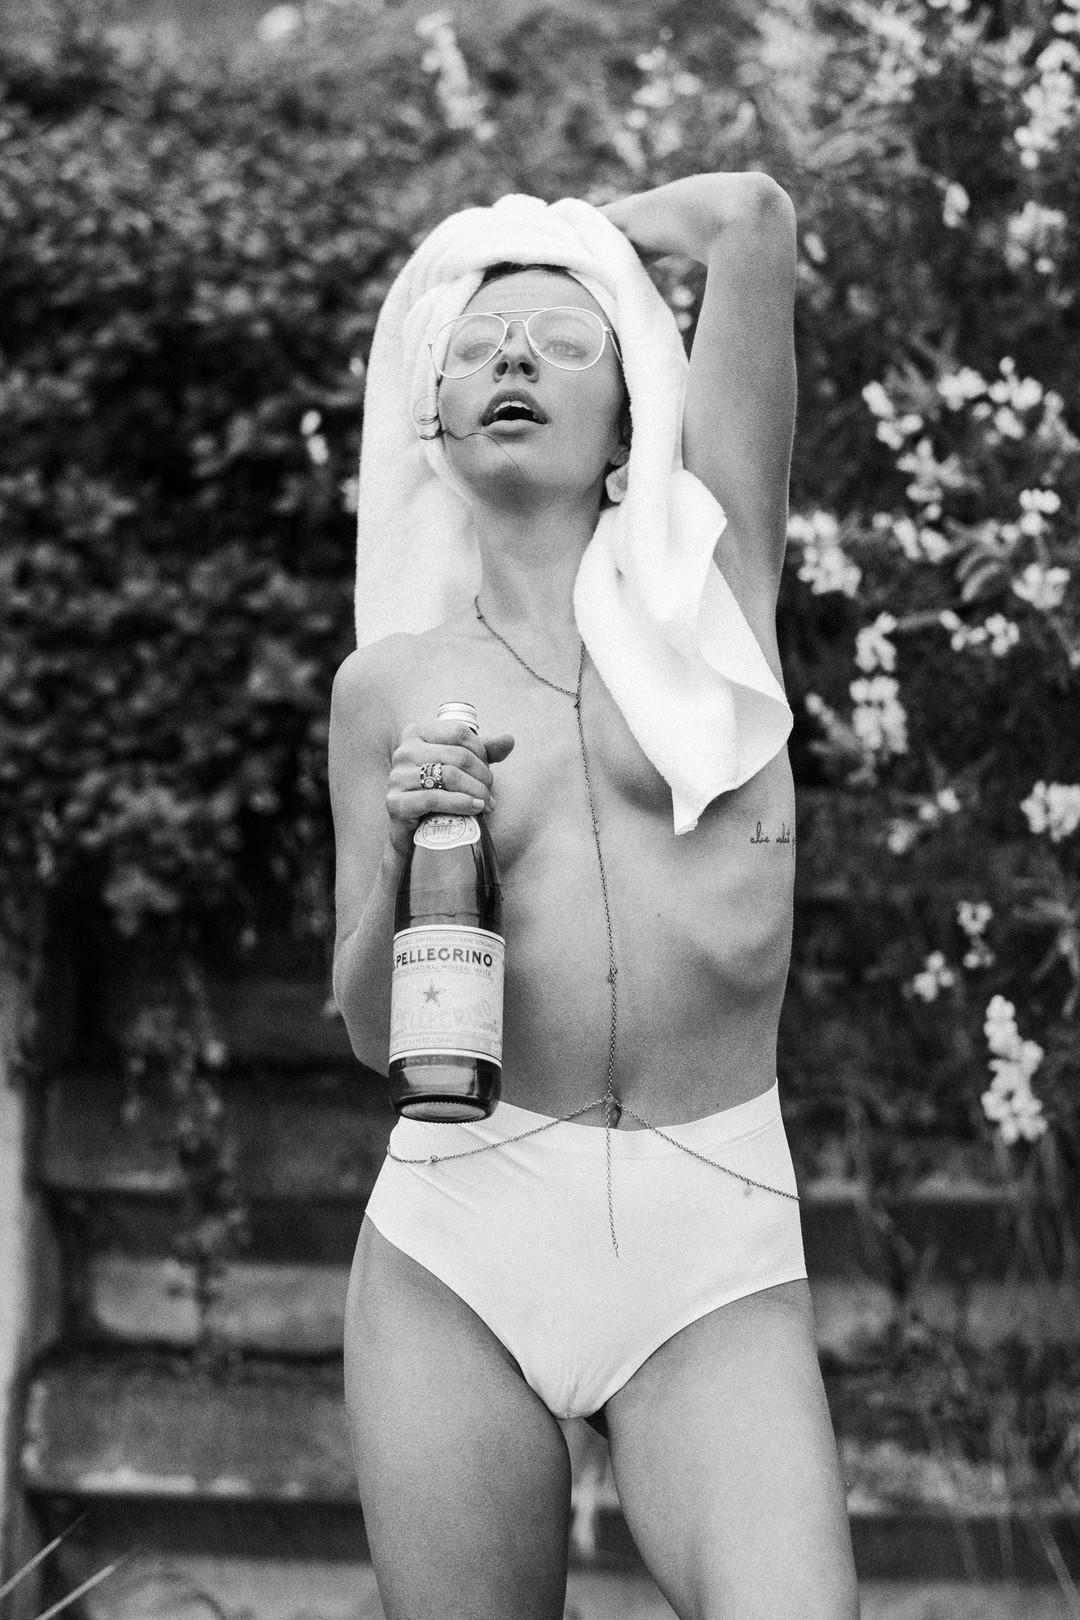 Чувственные фотографии девушек Джона Батарио фотография,чувственность